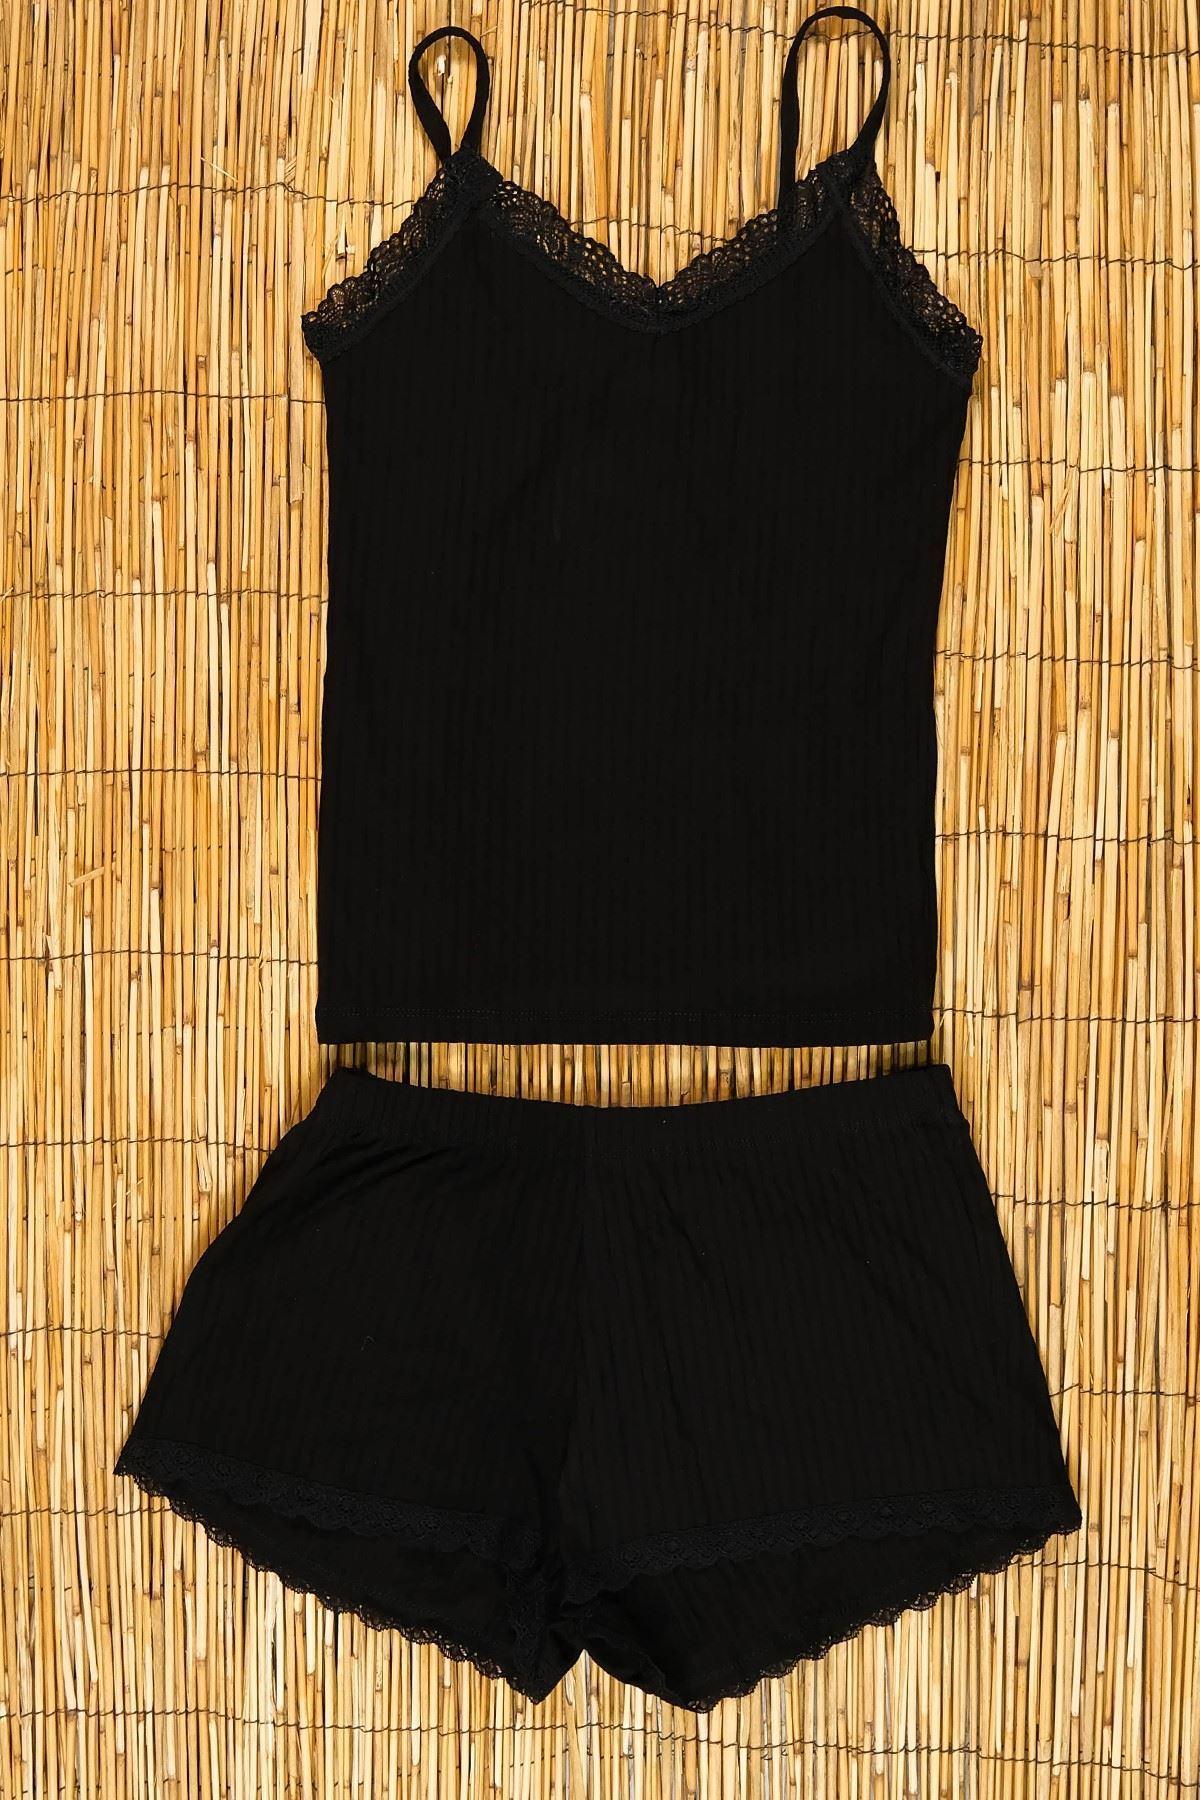 Dantelli İkili Takım Siyah - 5202.450.